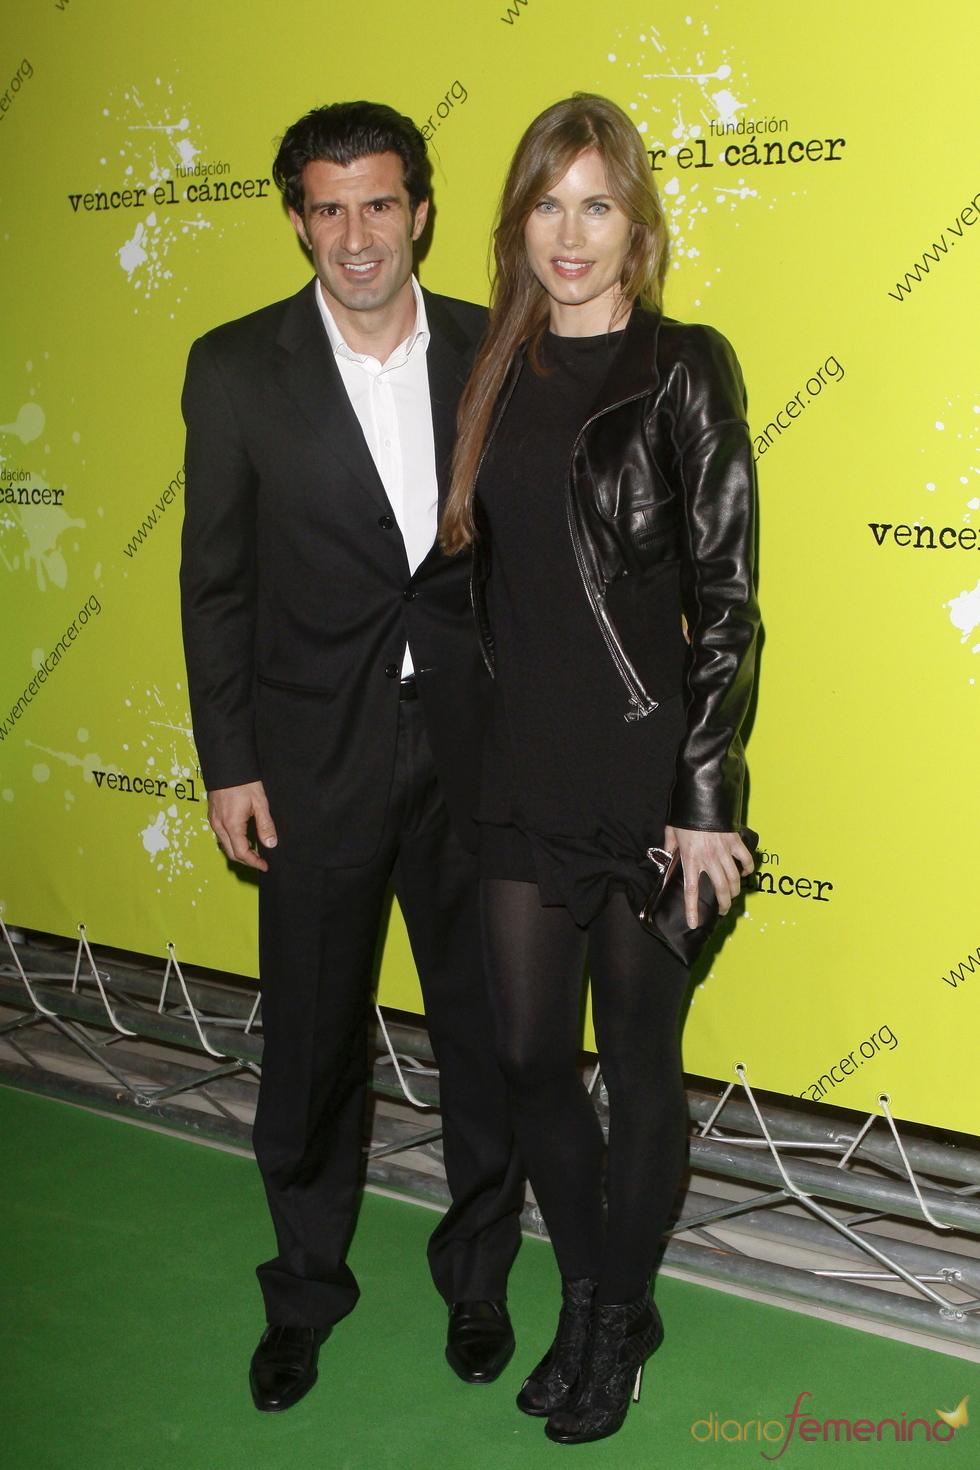 Luis Figo y Helen Swedin, embajadores de la Fundación Vencer el Cáncer